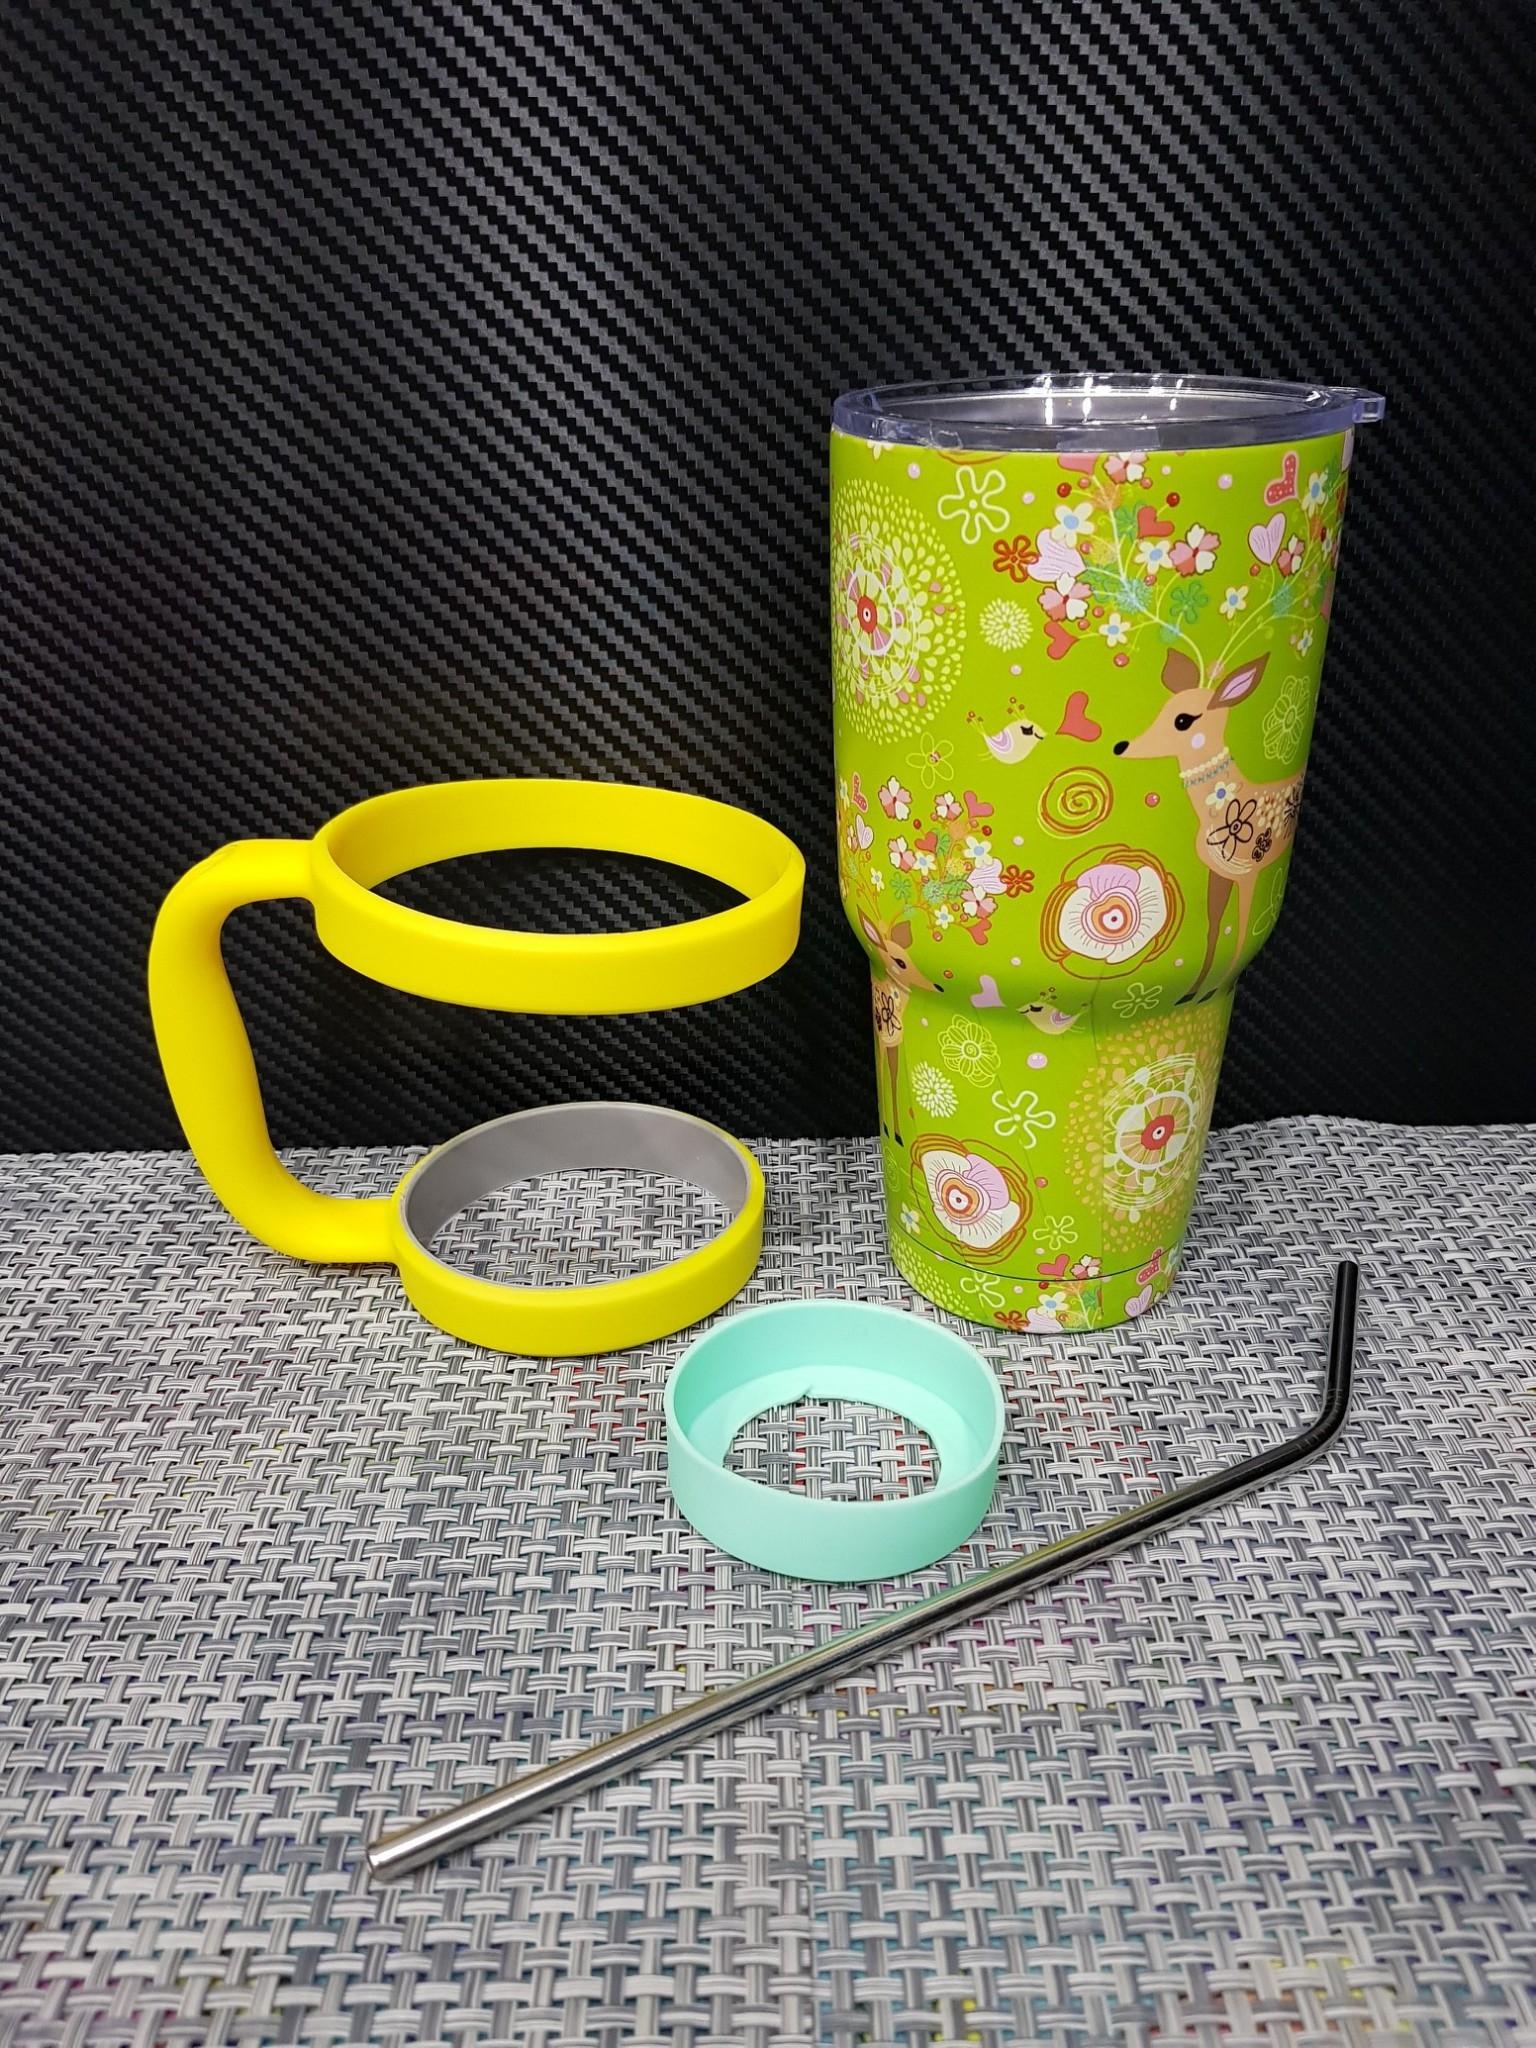 ชุดแก้วเยติ 30 ออนซ์ พื้นสีเขียว ลายการ์ตูน กวาง